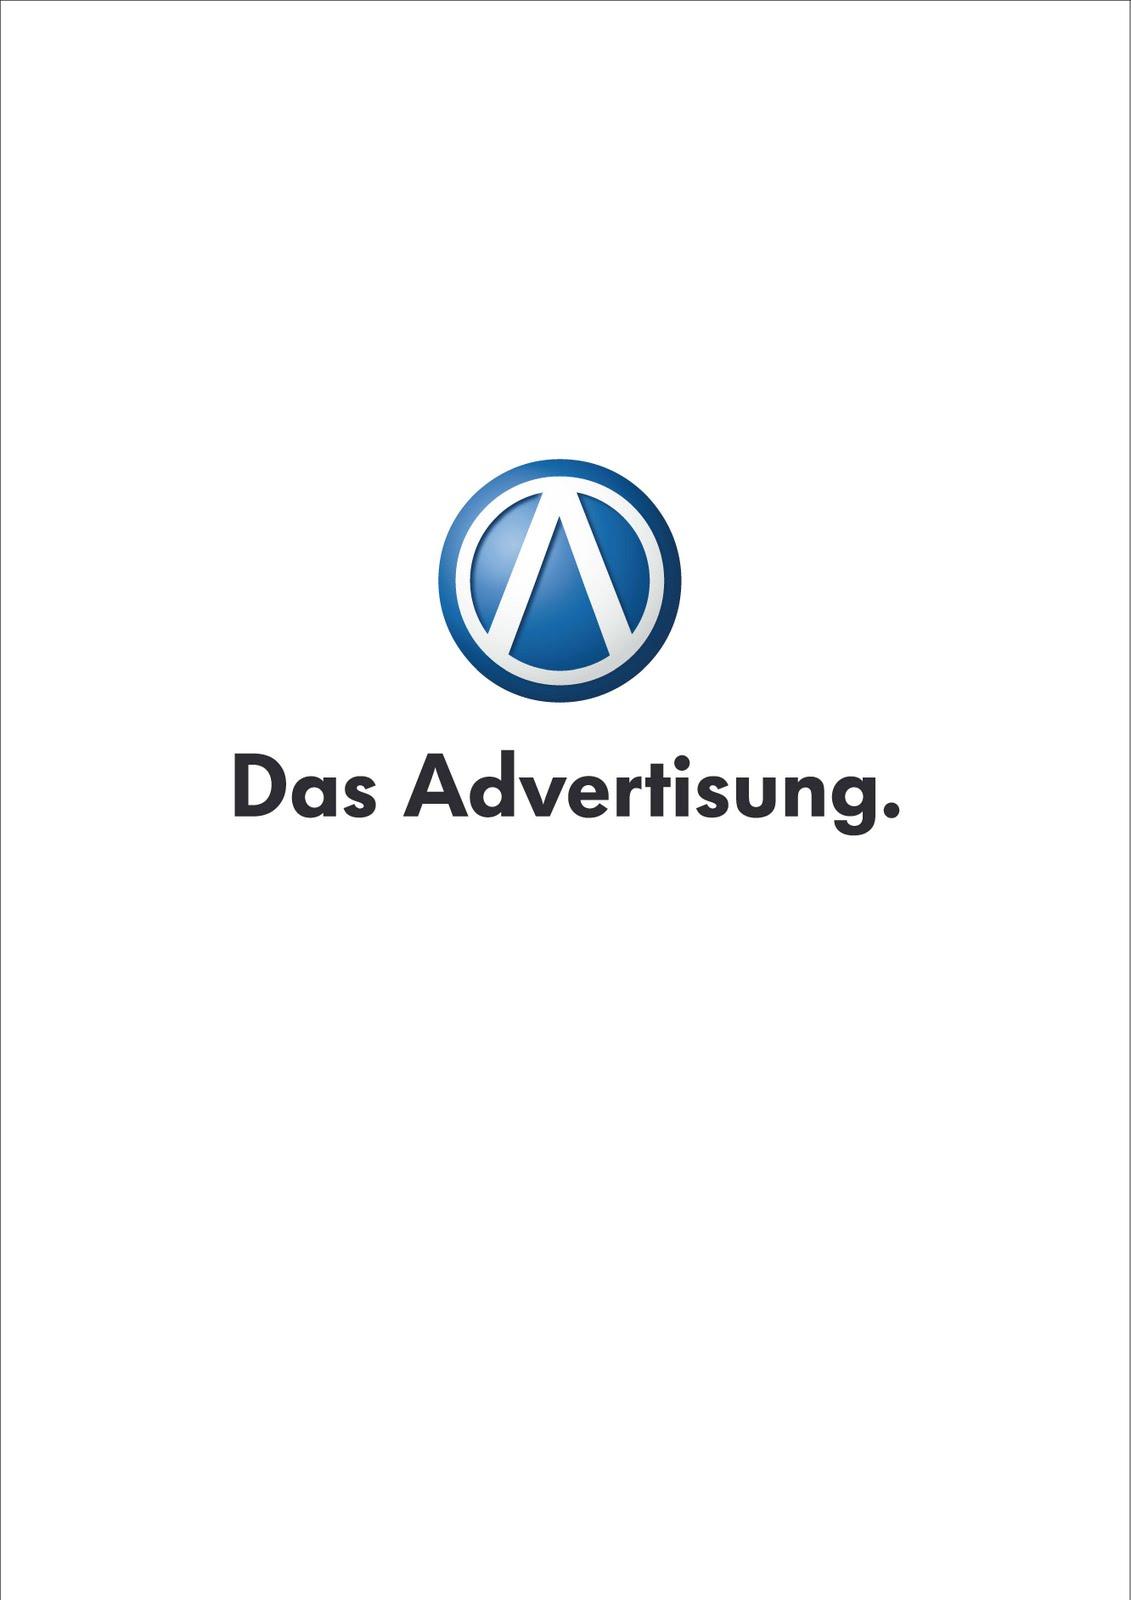 reclame logos